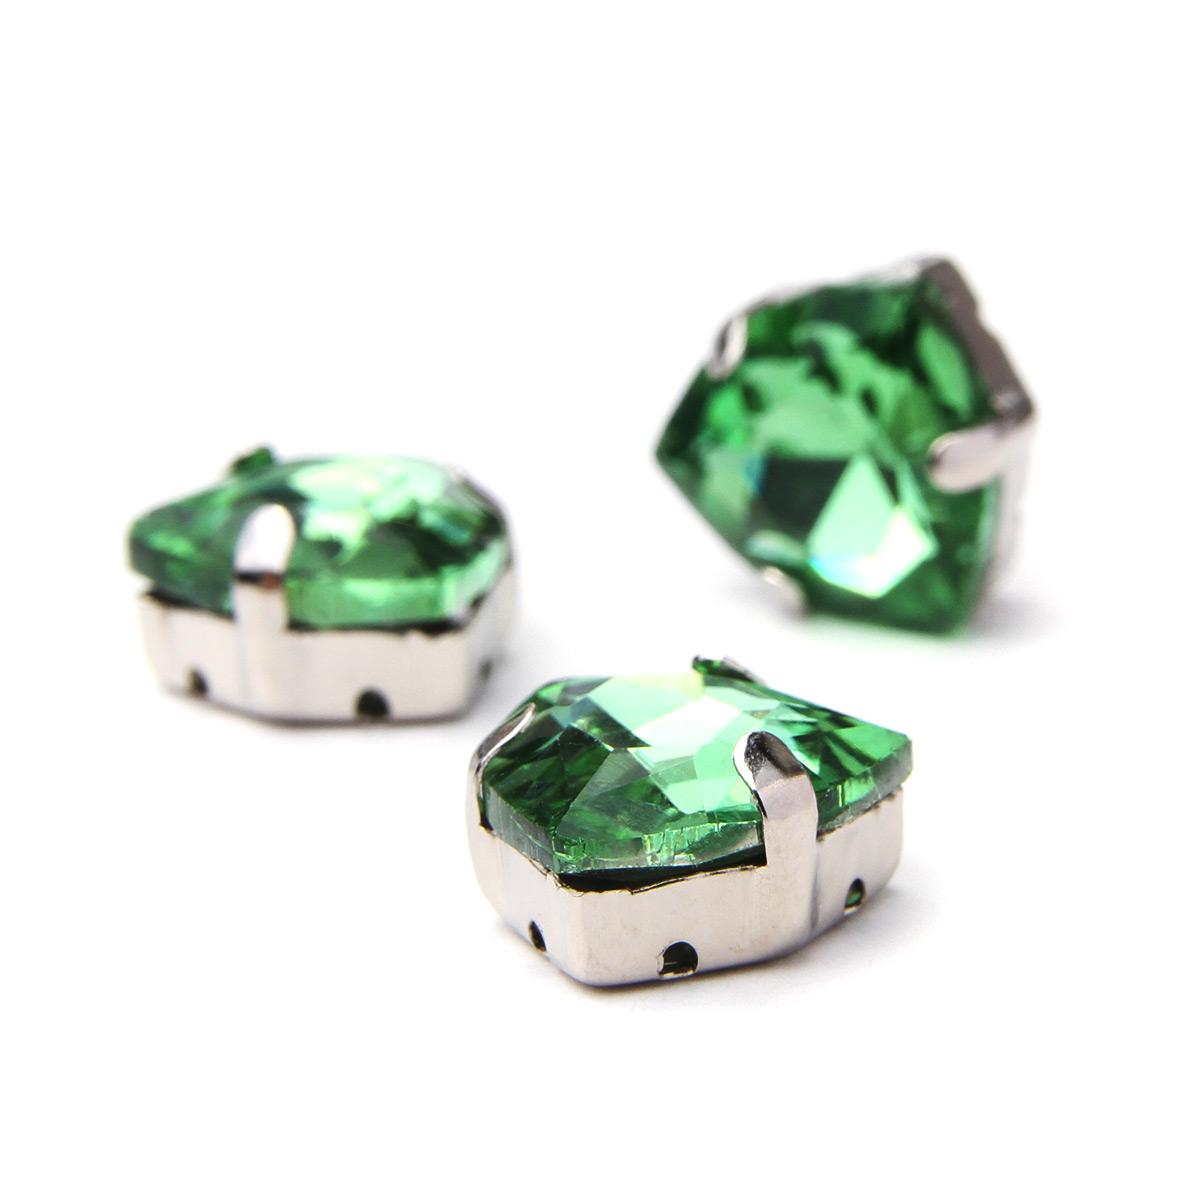 ТЦ007НН12 Хрустальные стразы в цапах треугольные (серебро) светло-зеленый 12мм, 3шт/упак Астра